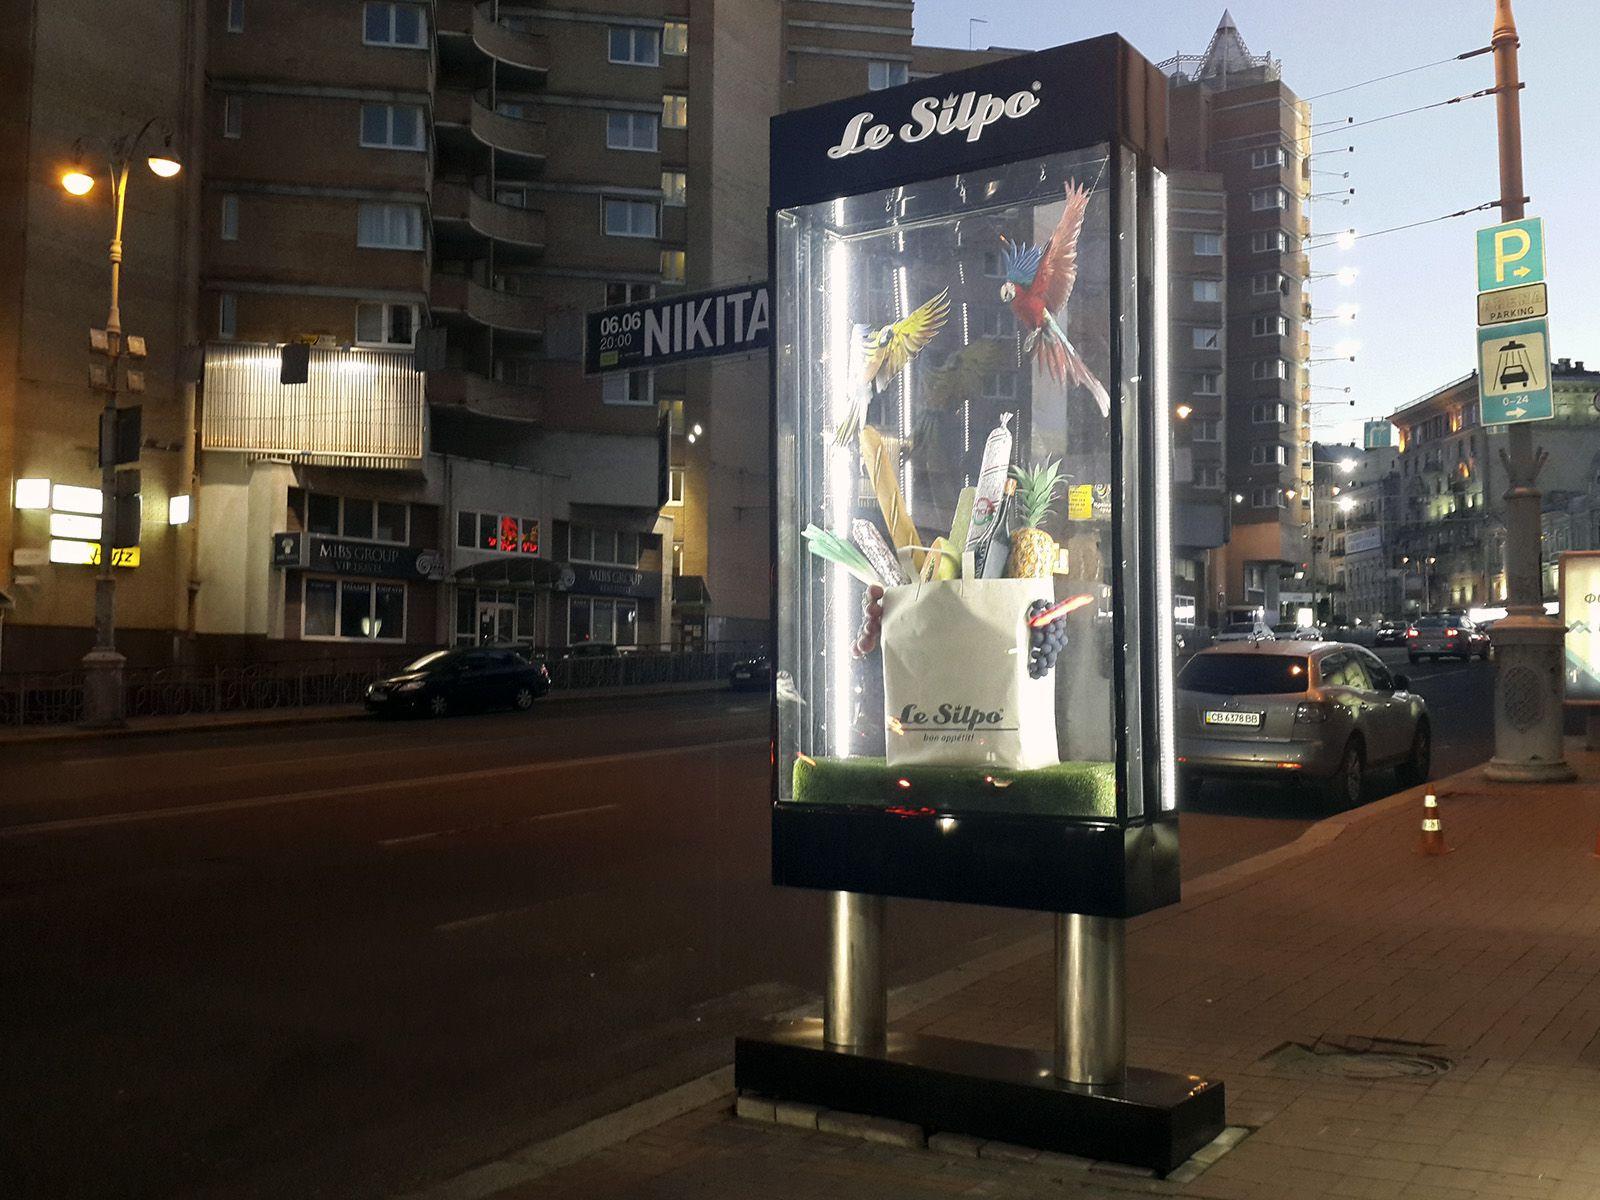 Стела уличная для арт-инсталляций Le Silpo